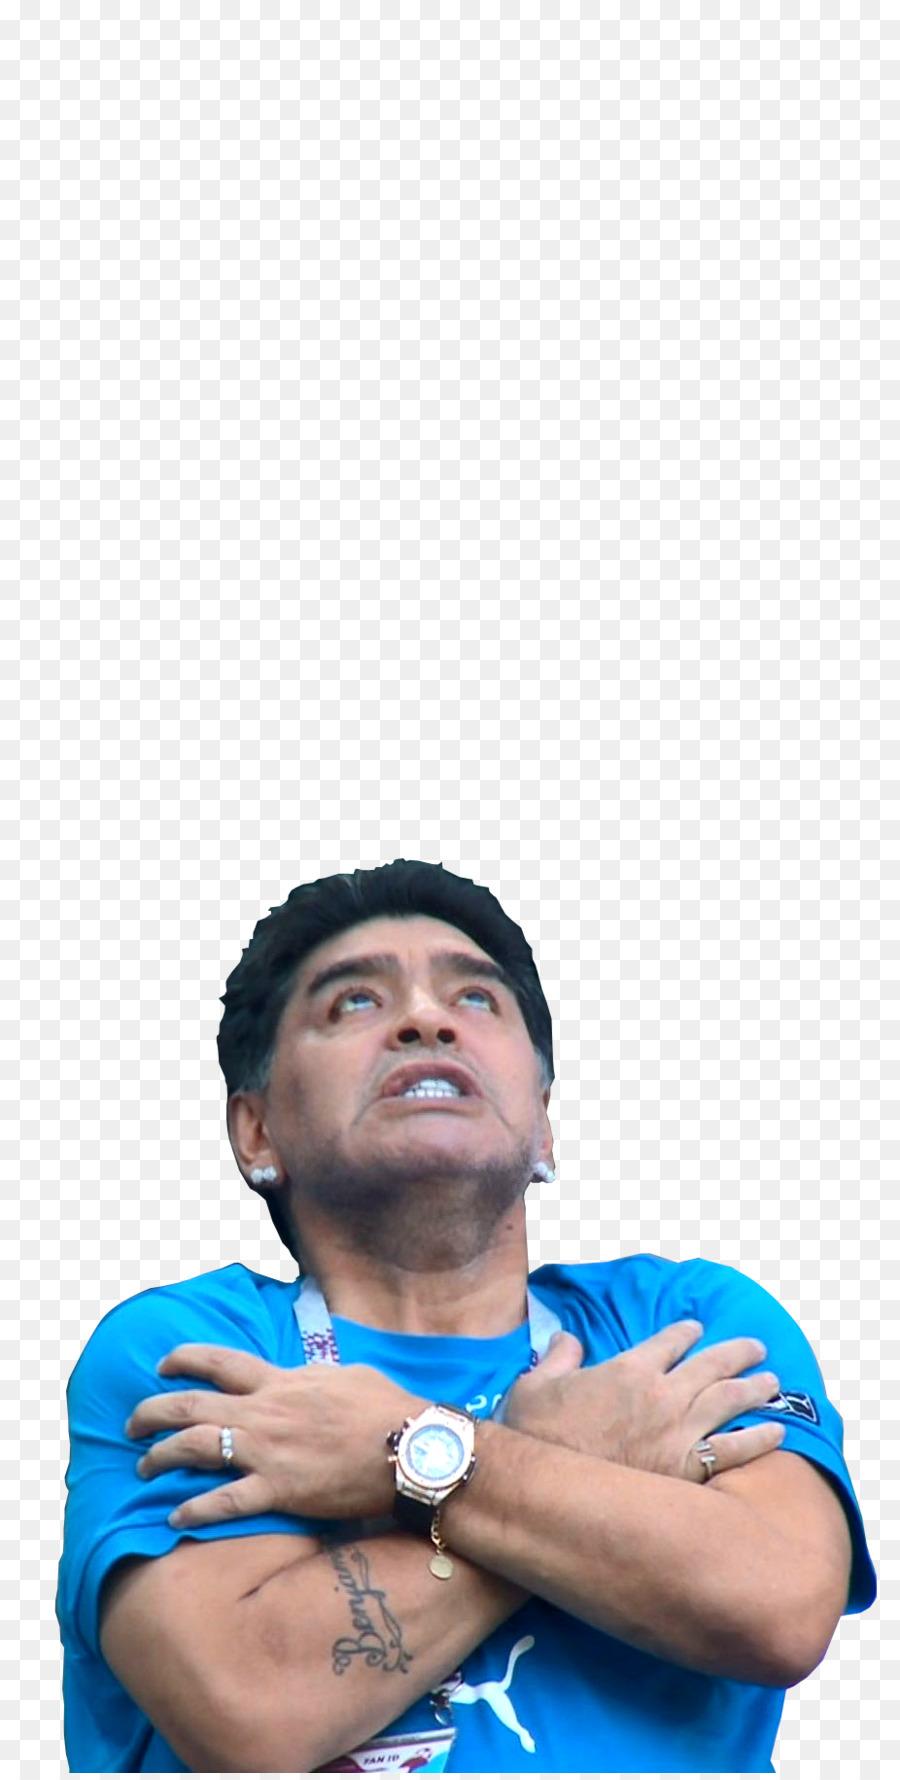 Descarga gratuita de Diego Maradona, La Copa Del Mundo De 2018, Argentina Equipo Nacional De Fútbol De Imágen de Png